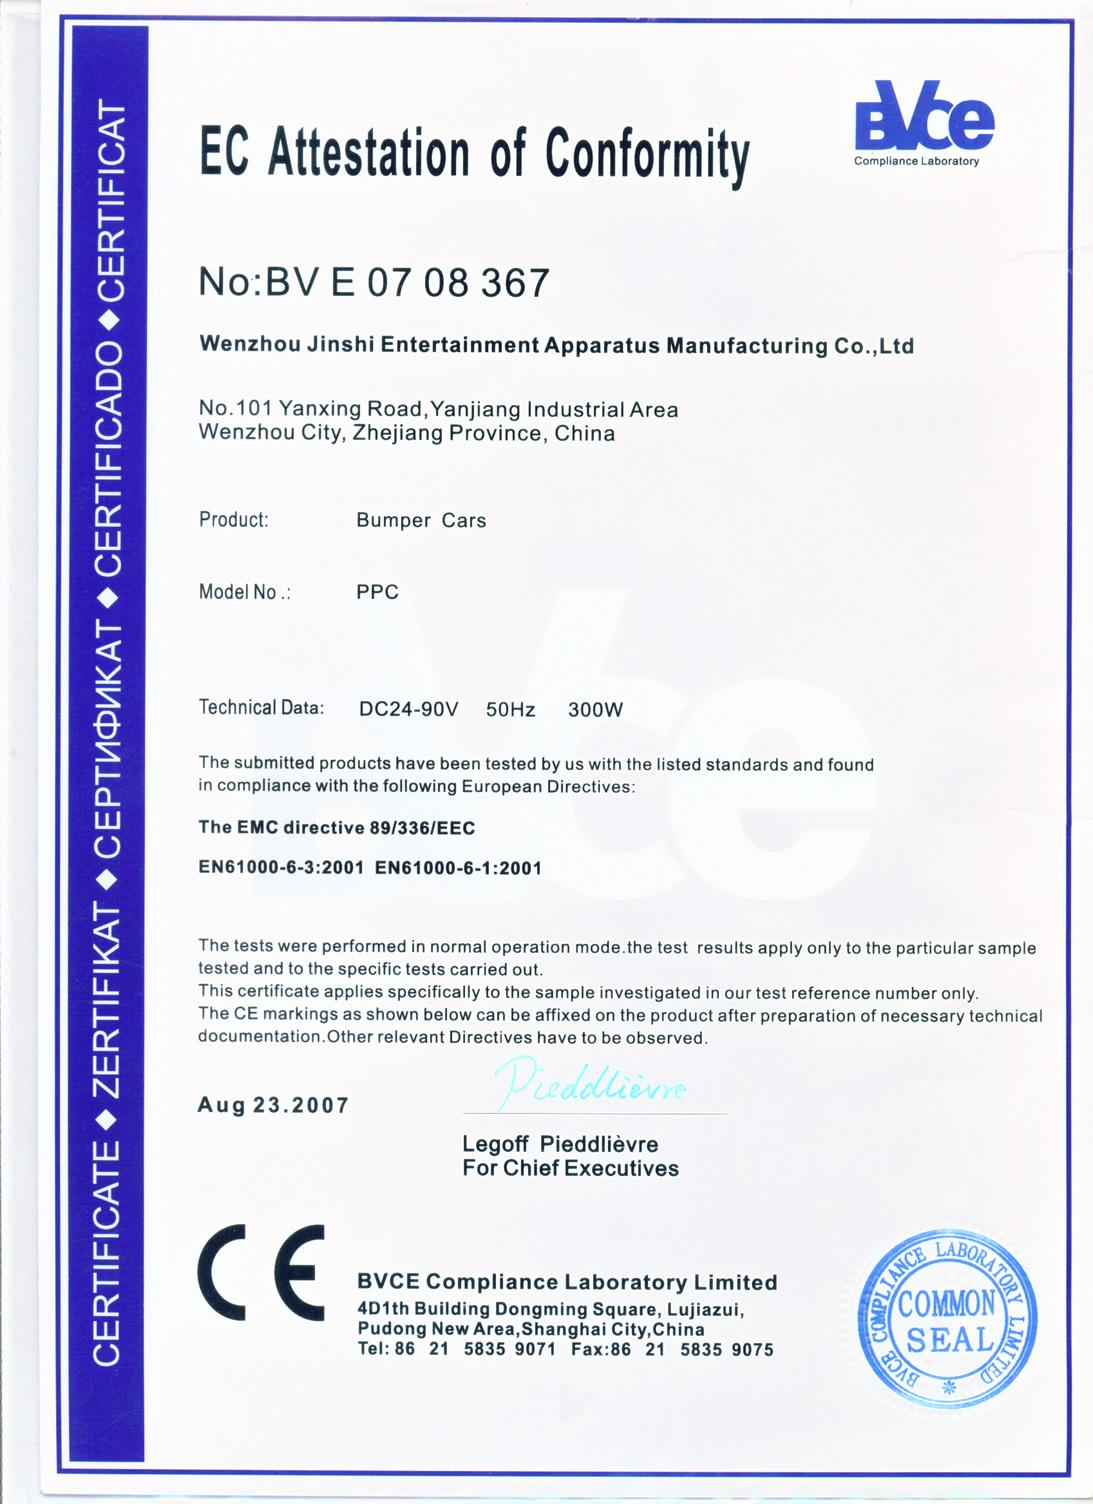 bumper car certificate